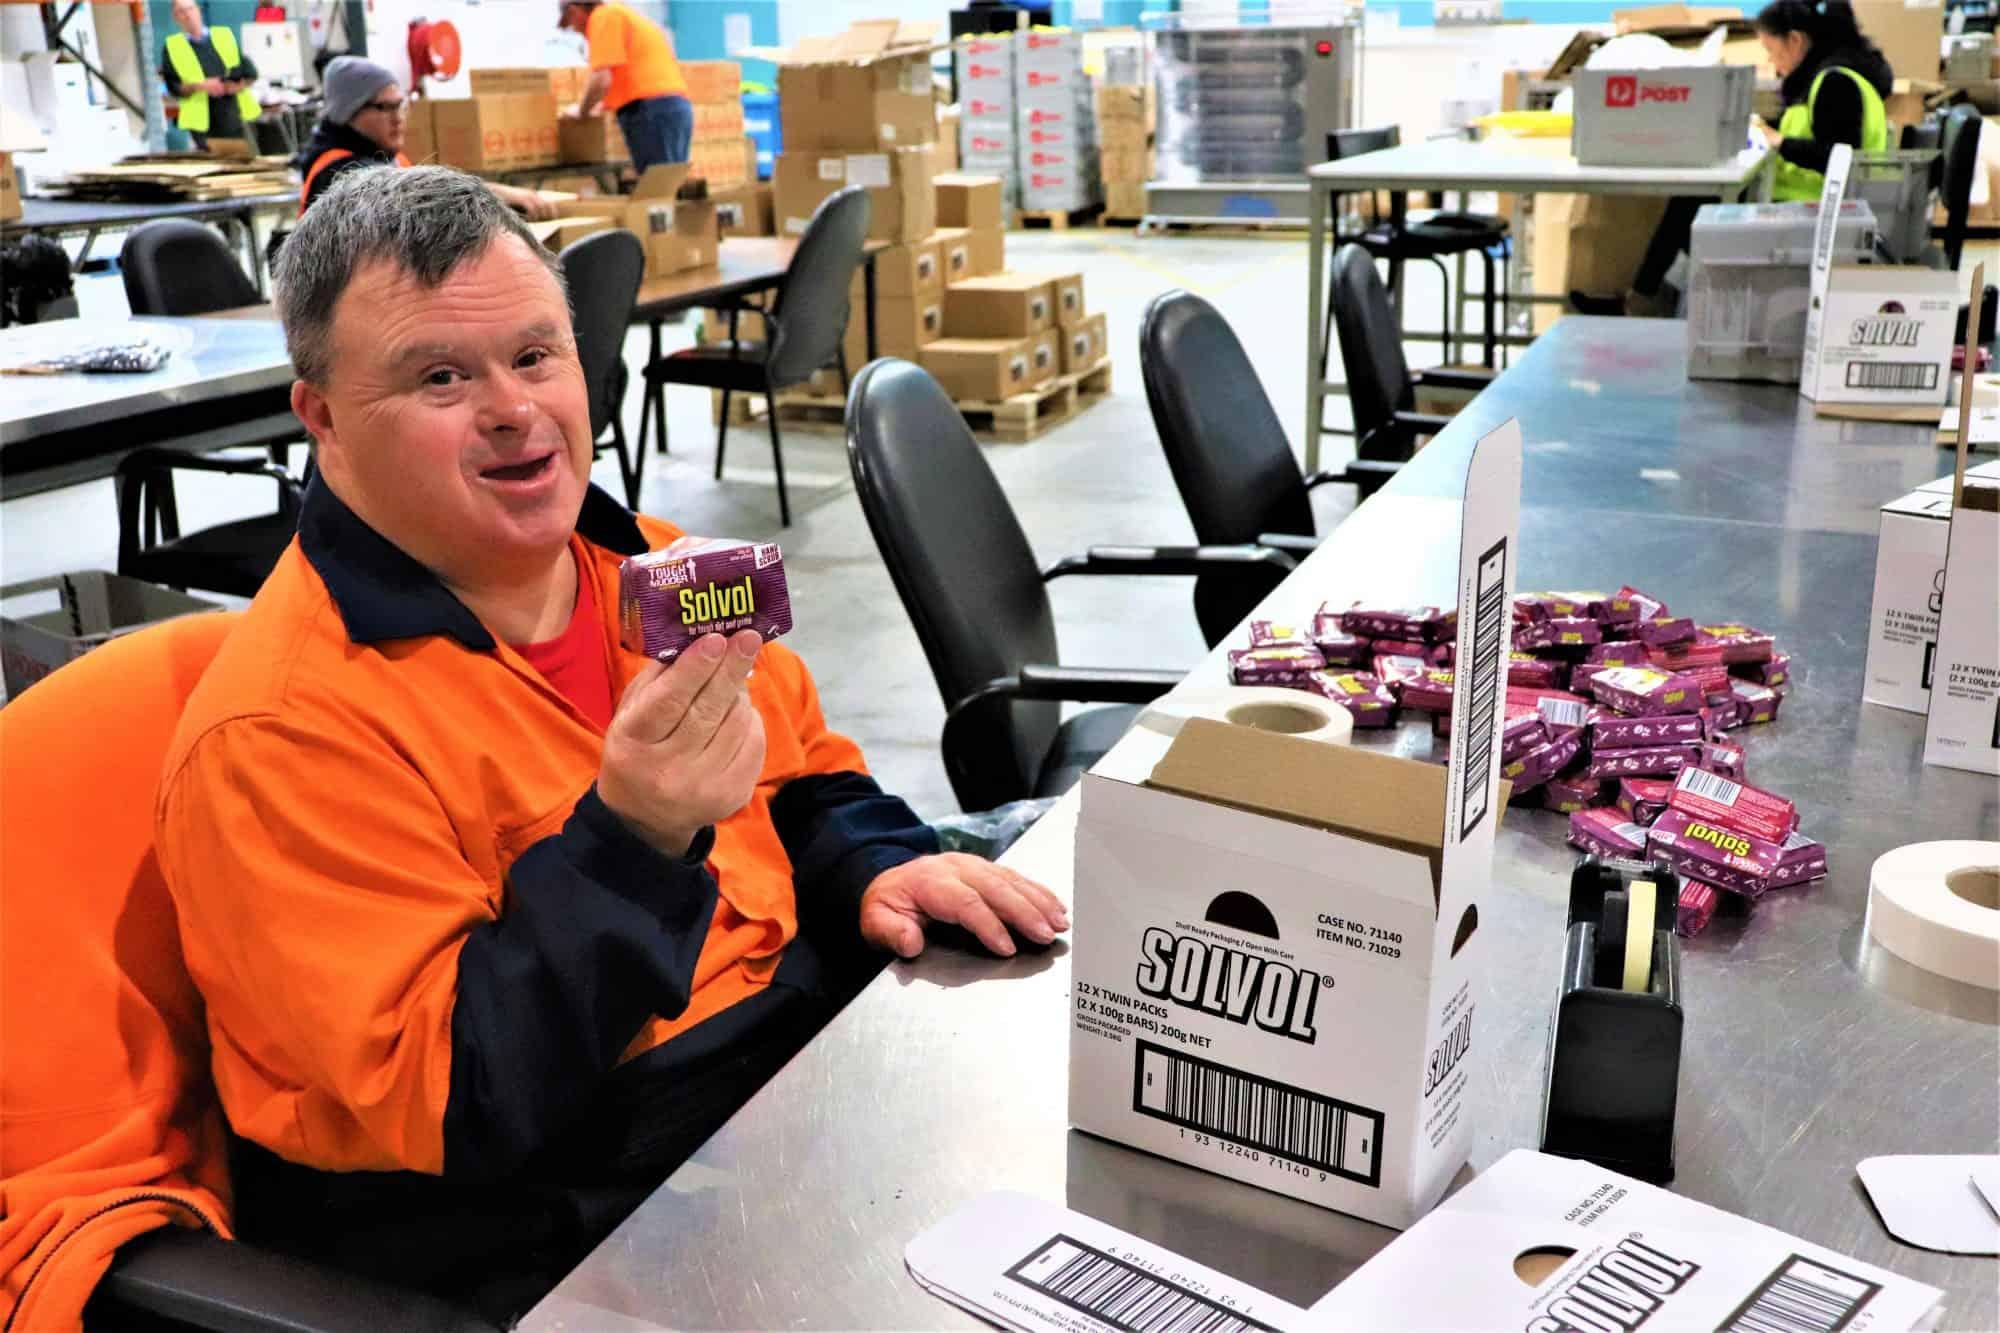 Civic crew member packing Solvol soap